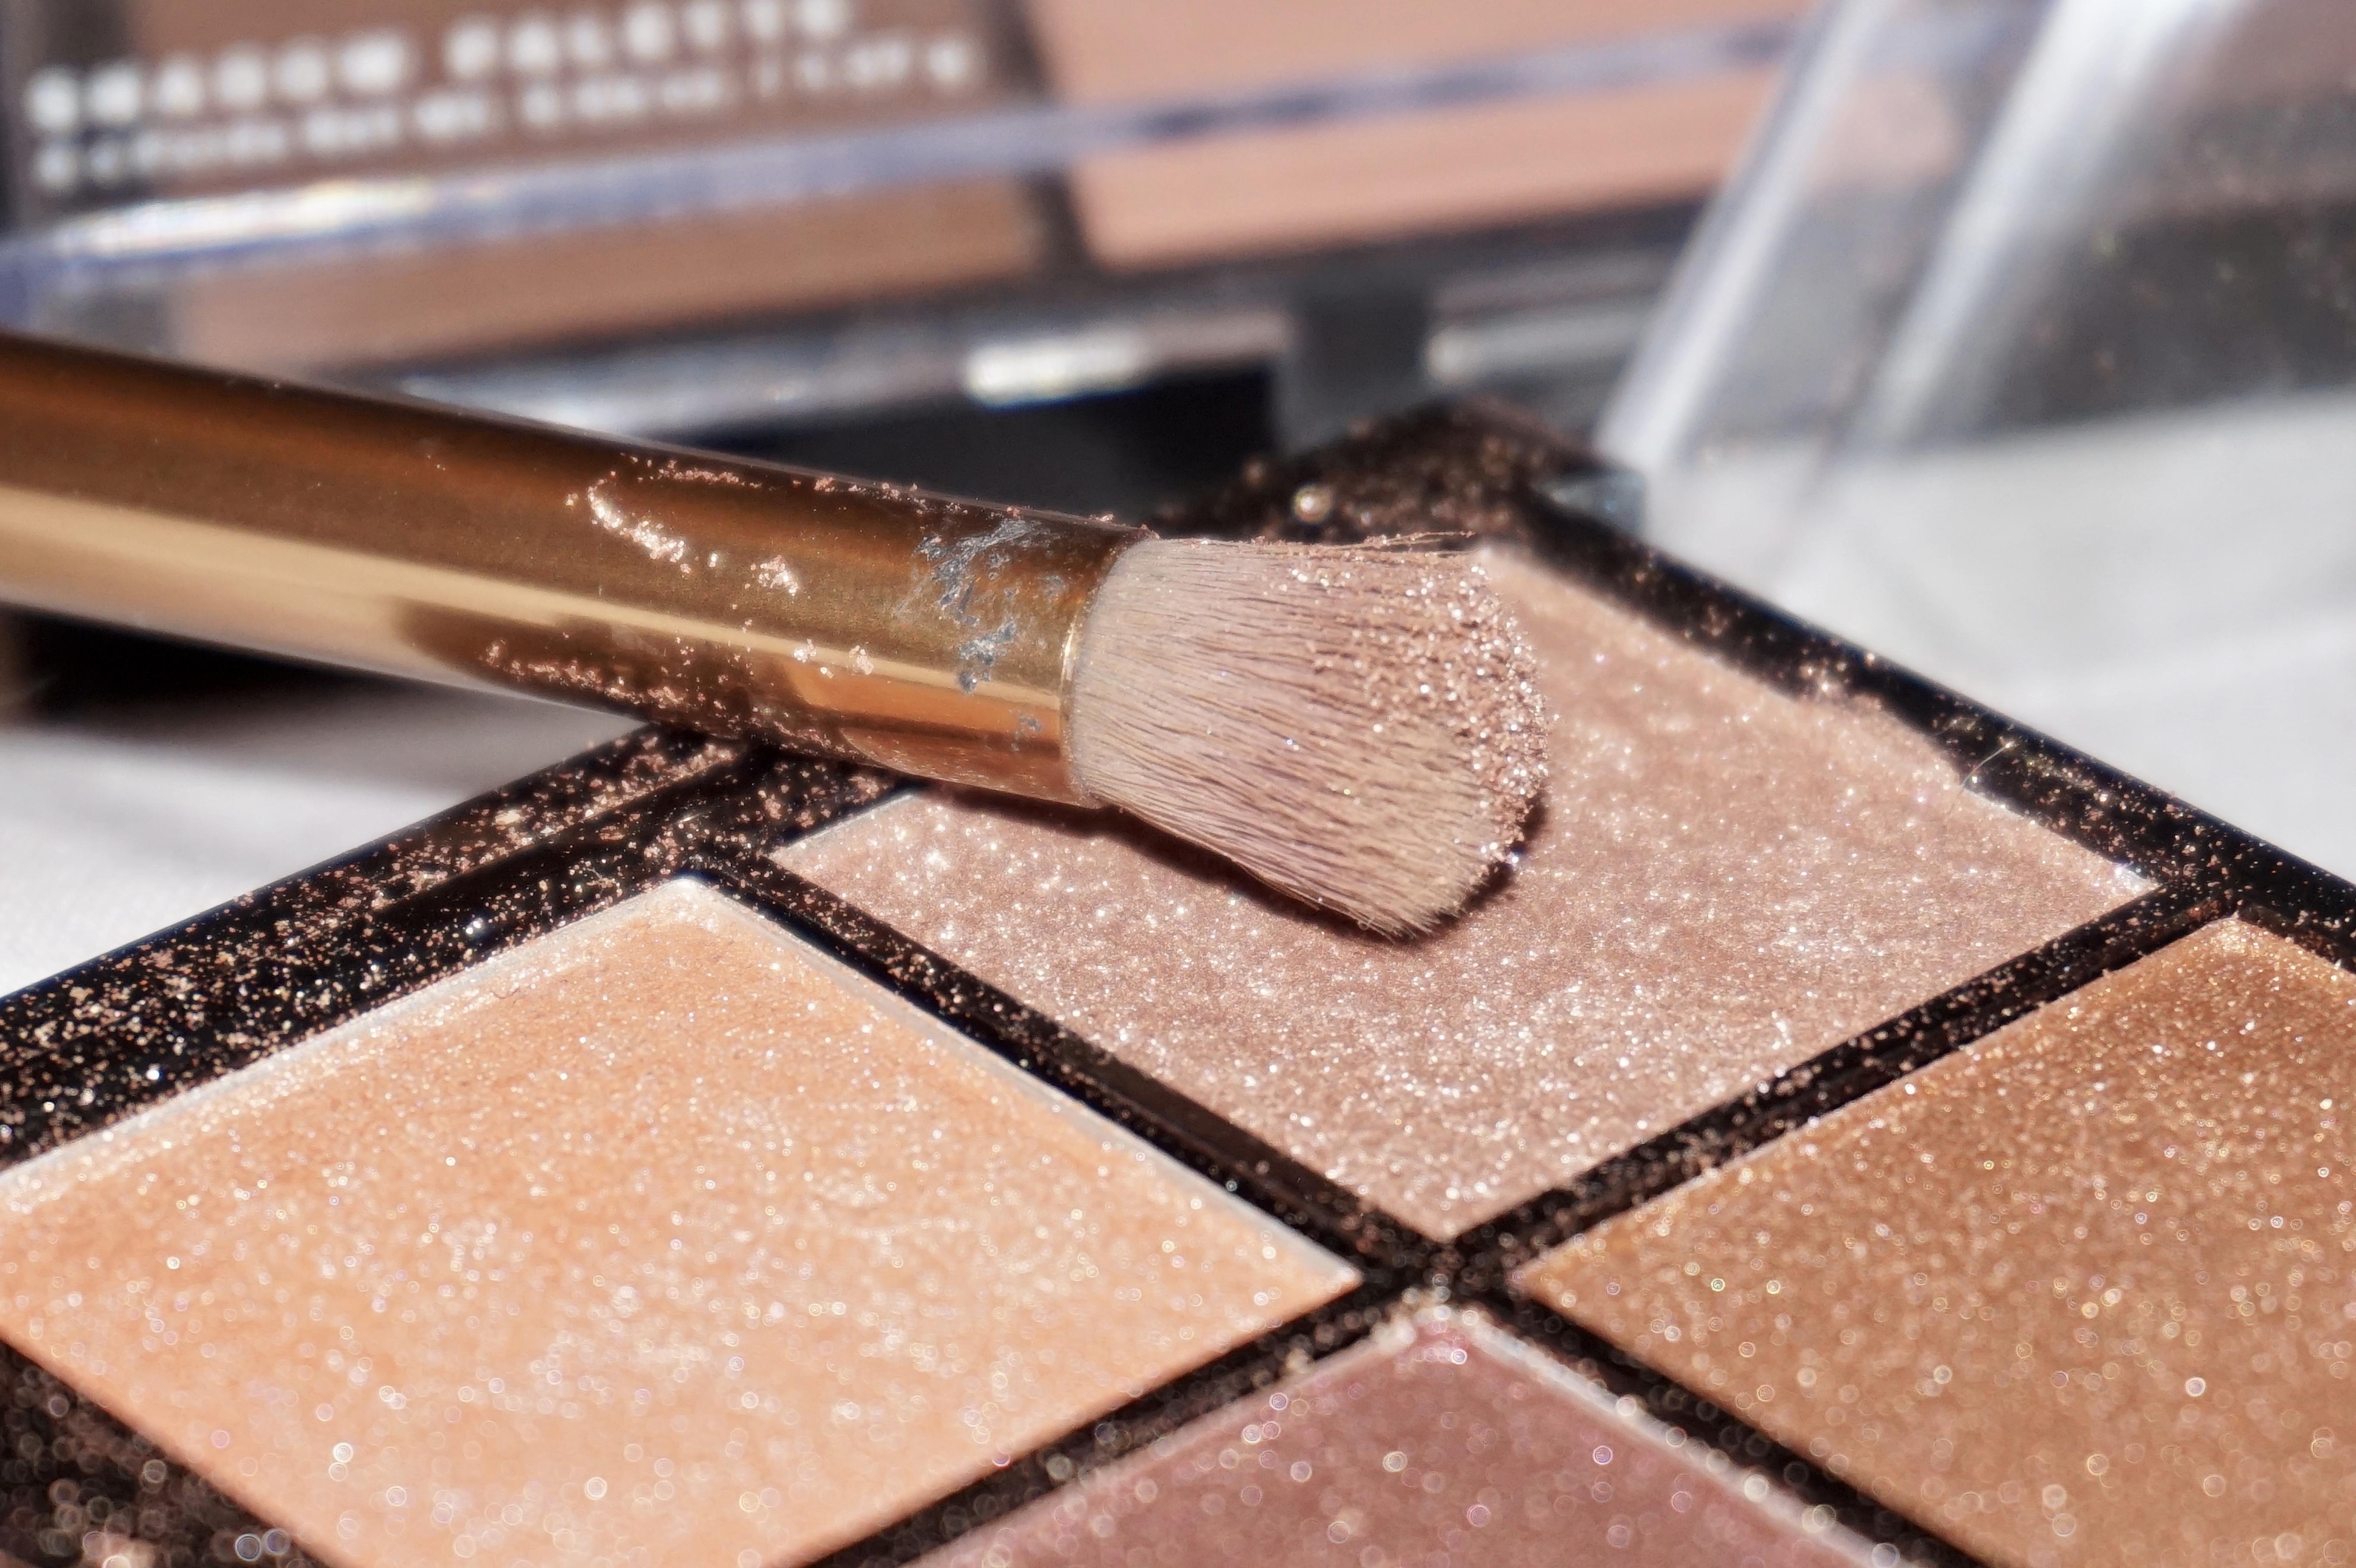 splash of glam make-up eyeshadow